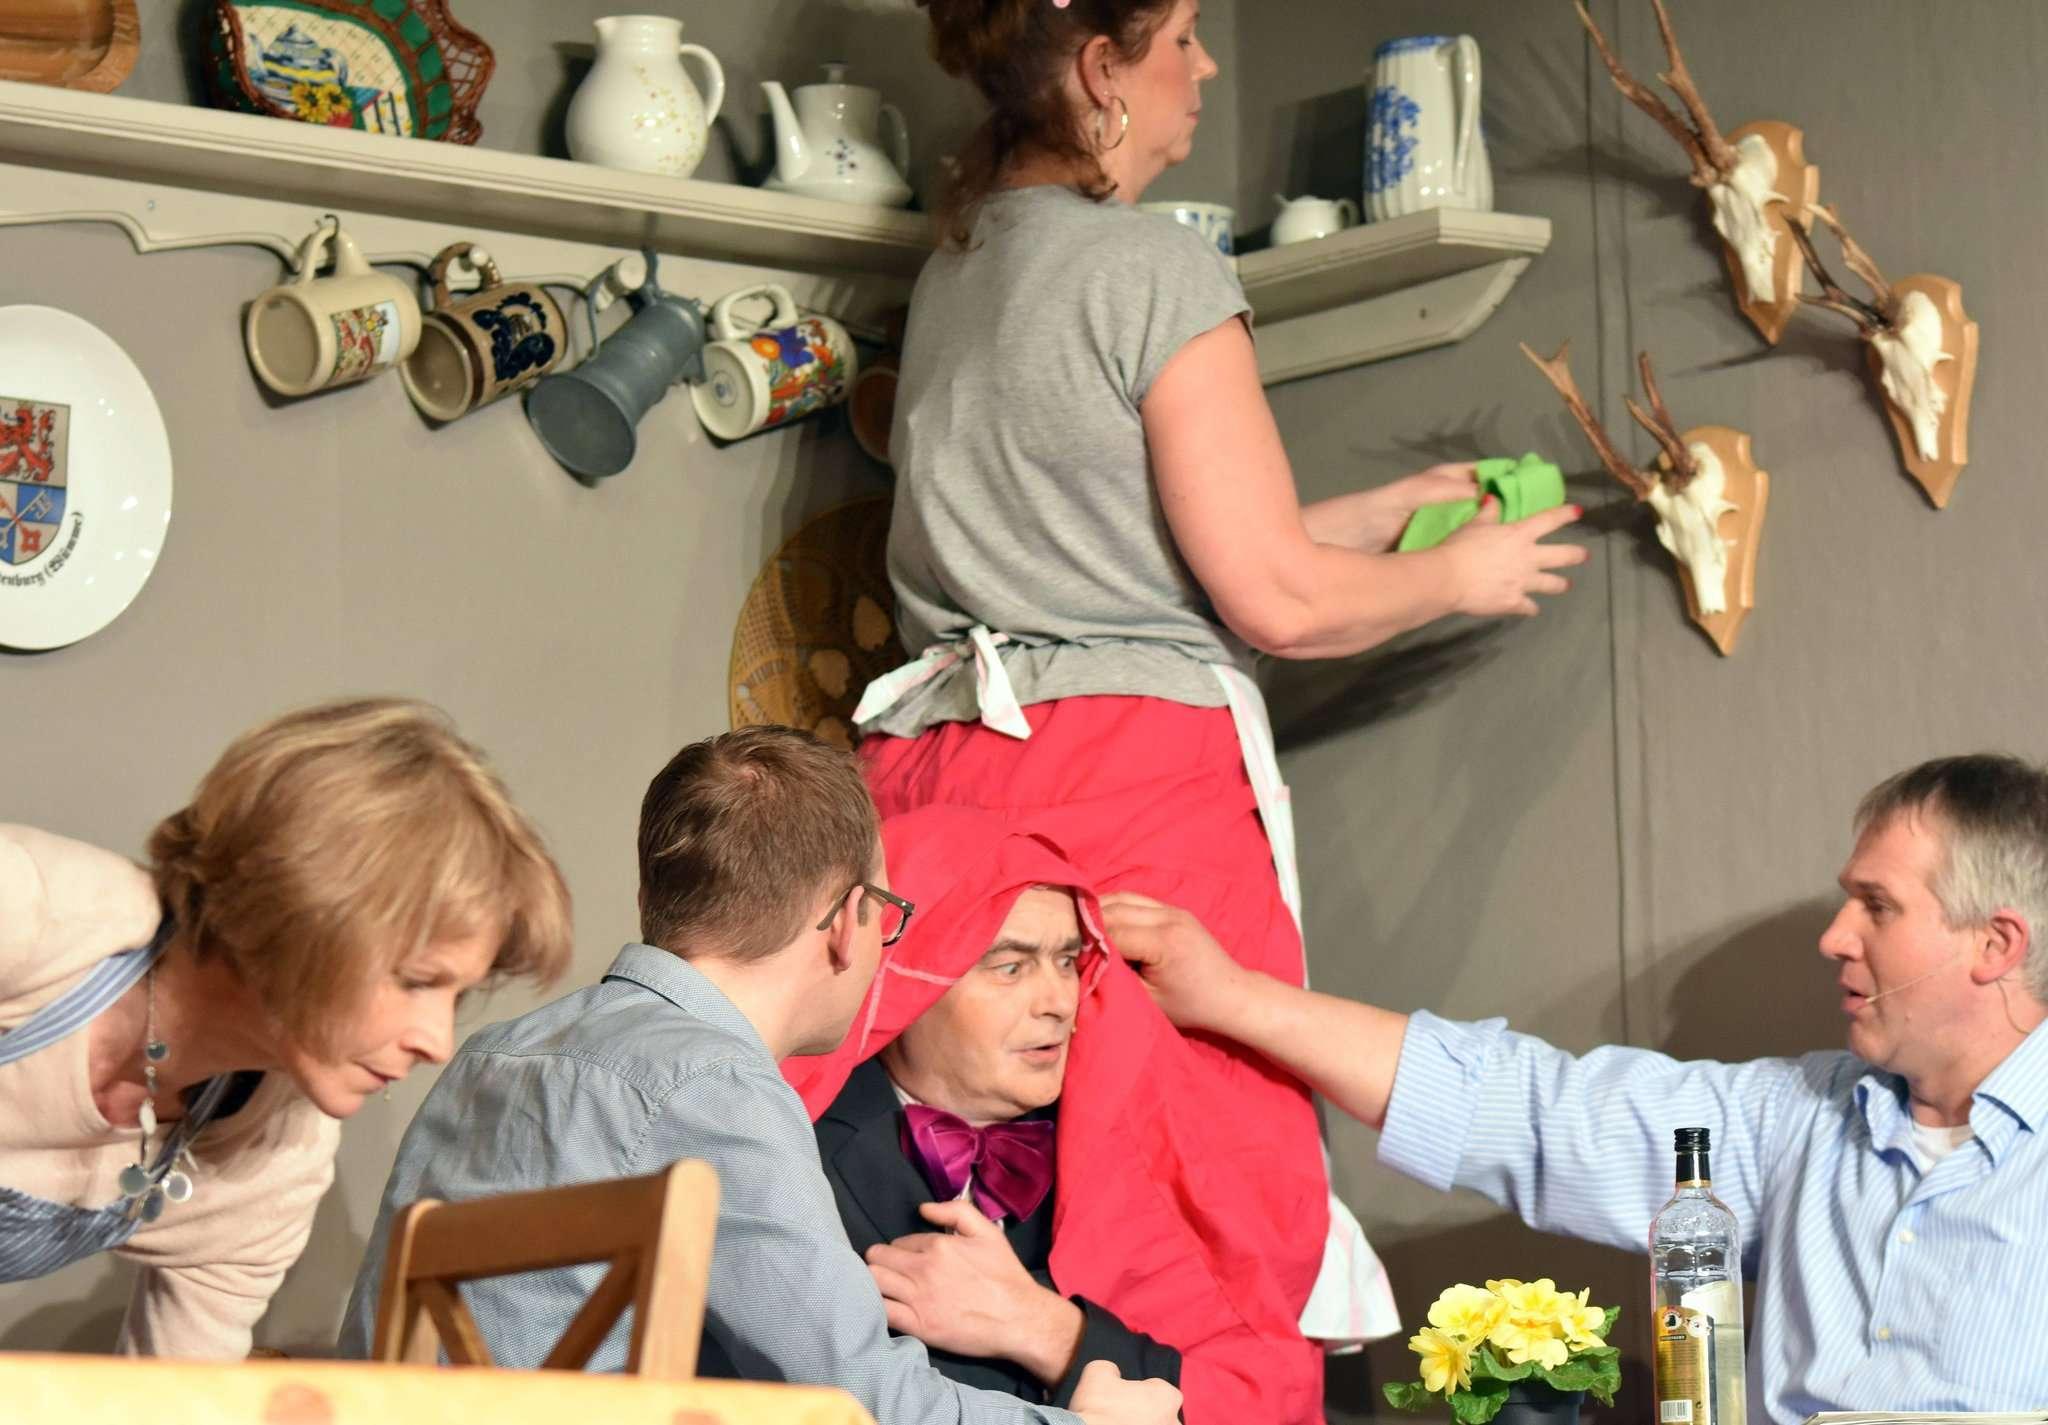 Zu komischen Szenen kommt es, als die vier Frauen um die Gunst der Männer buhlen. Fotos: Heidrun Meyer